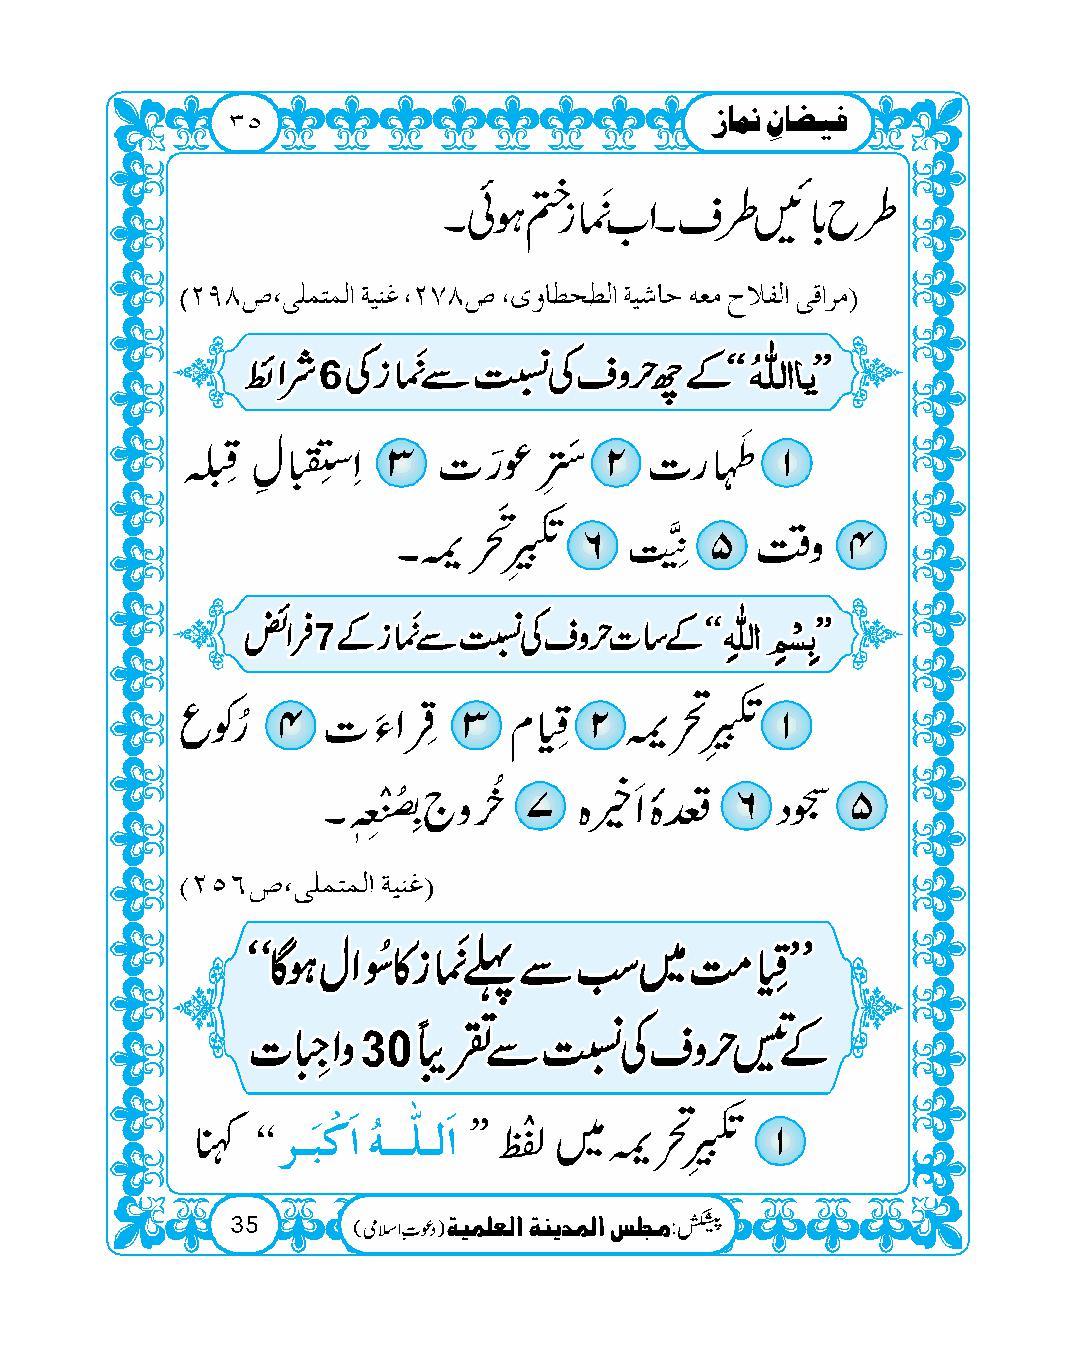 page No 35